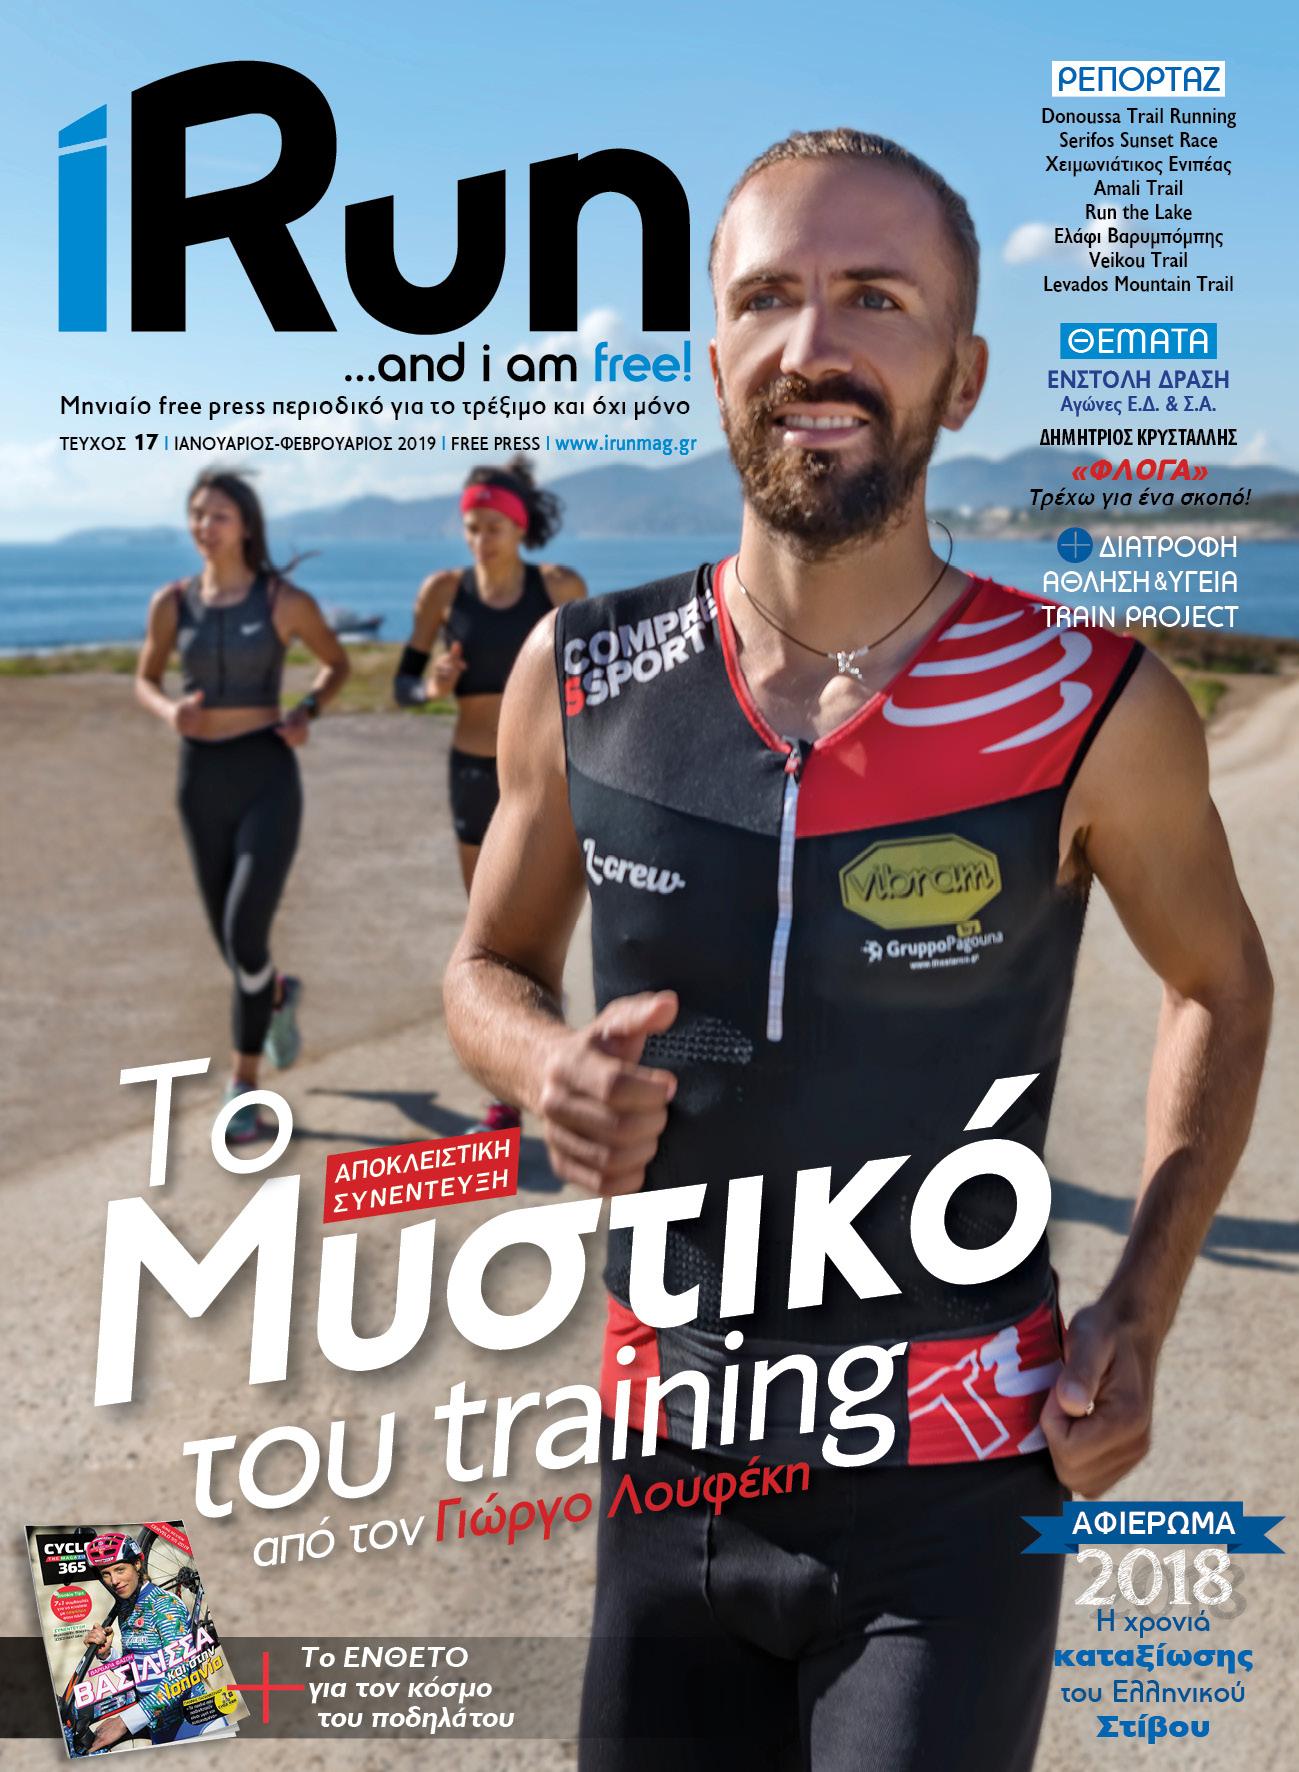 iRun Τ.17 Περιοδικό free press για το τρέξιμο